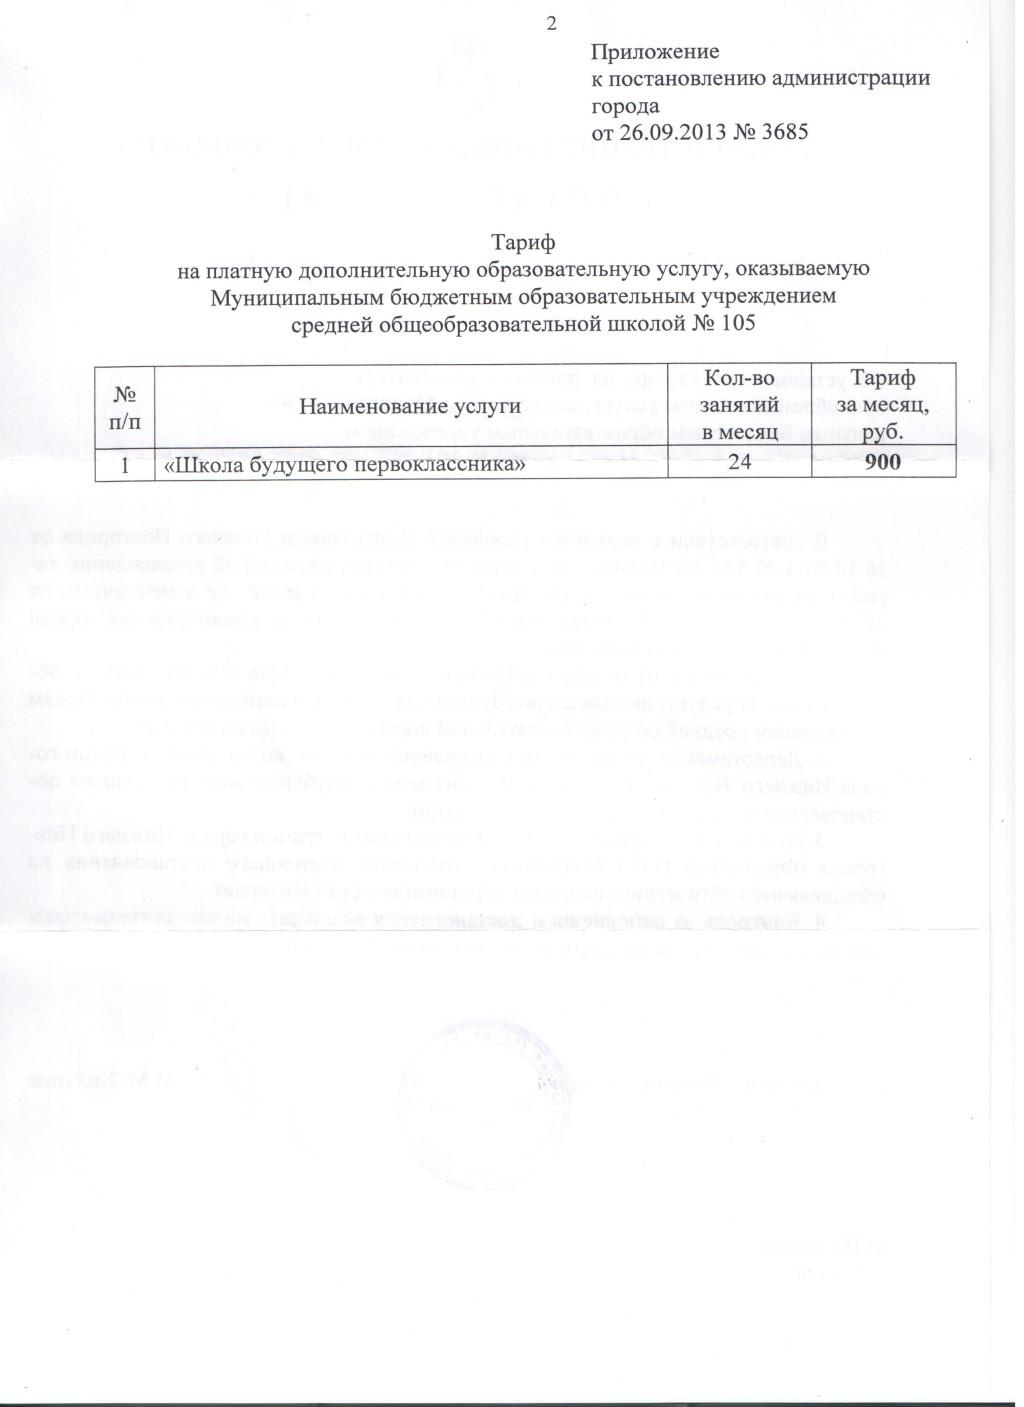 Постановление о тарифе ШБП  2